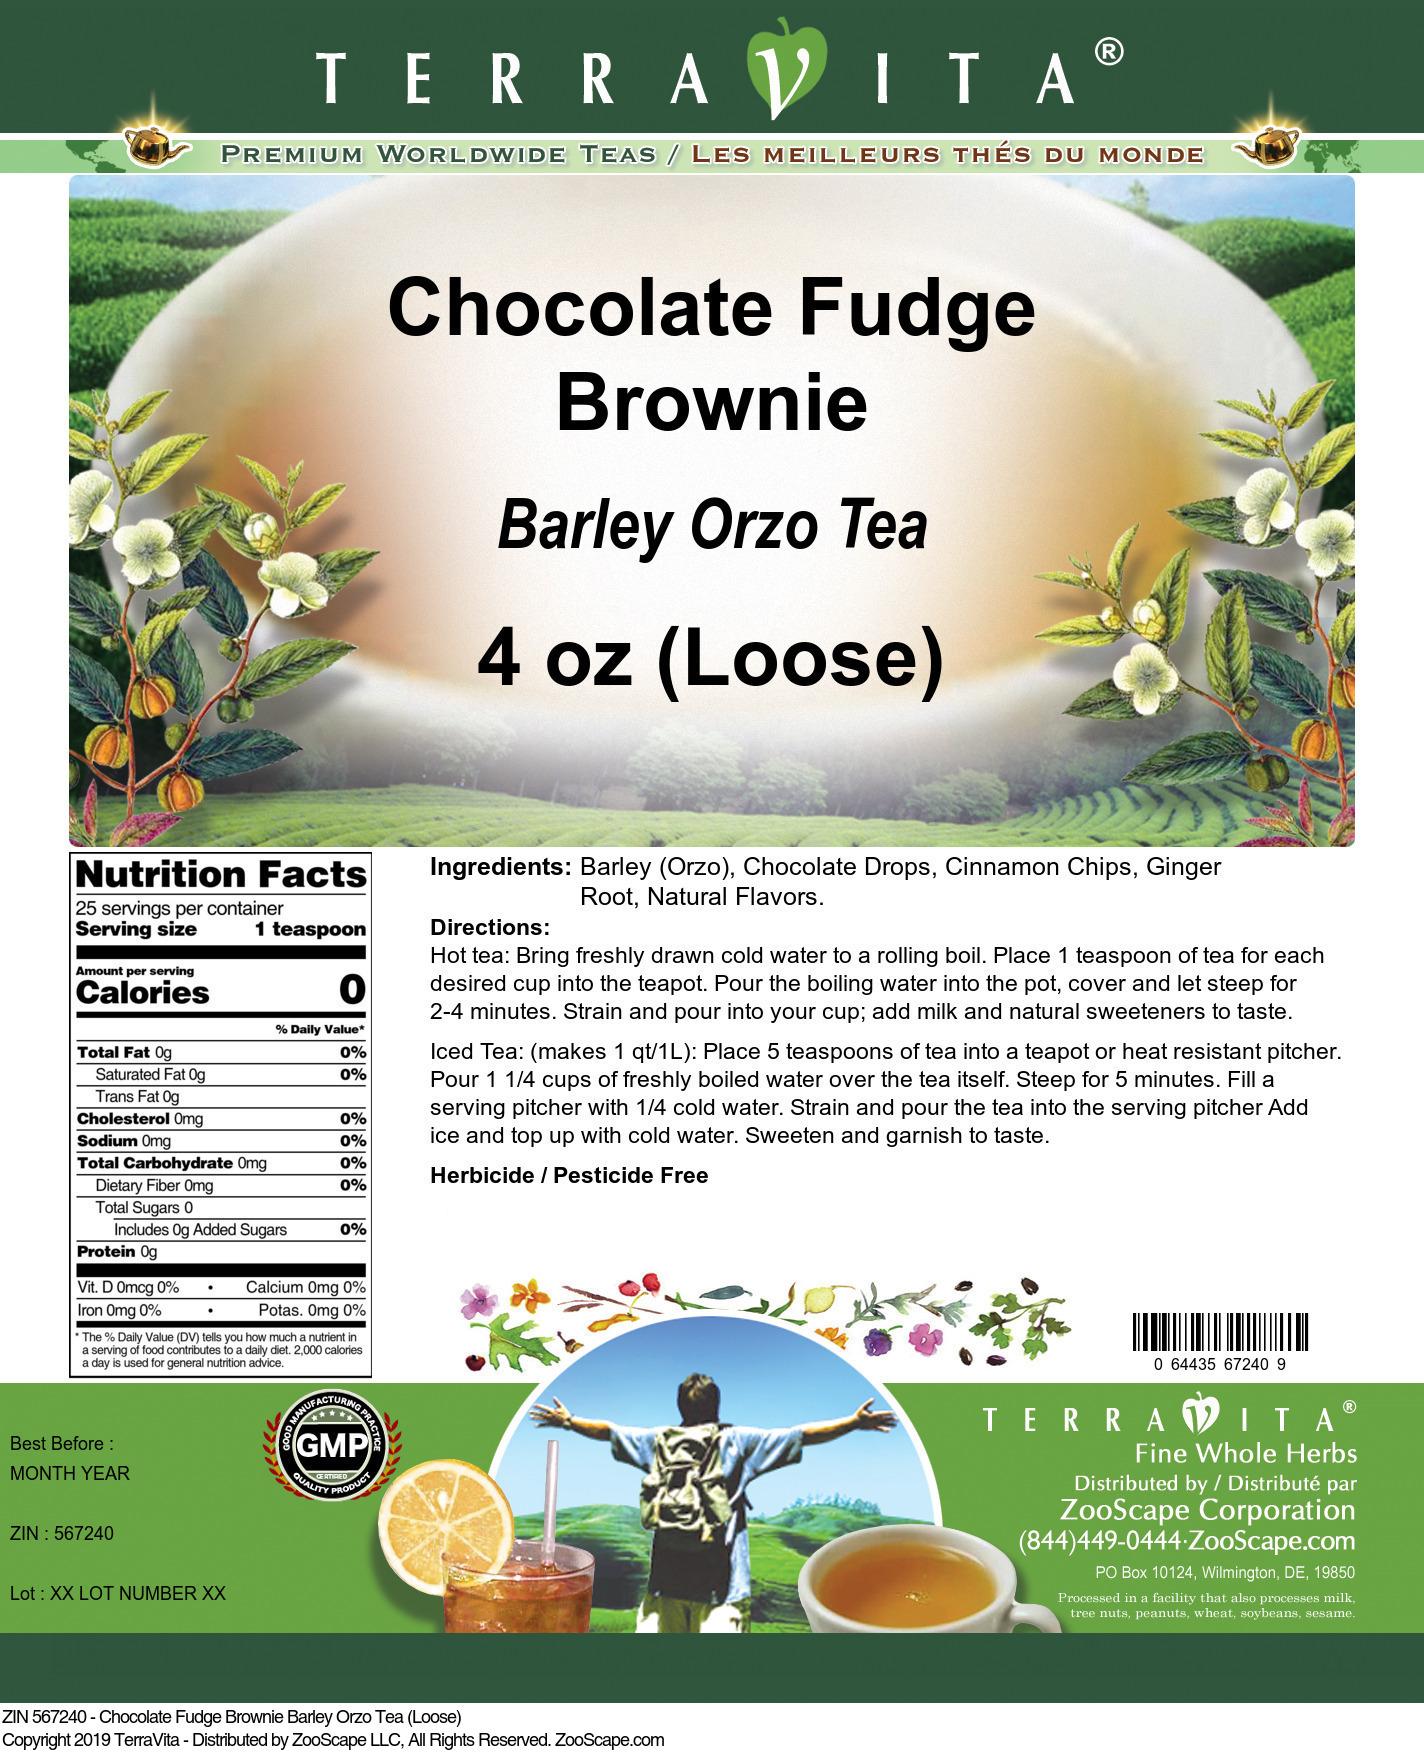 Chocolate Fudge Brownie Barley Orzo